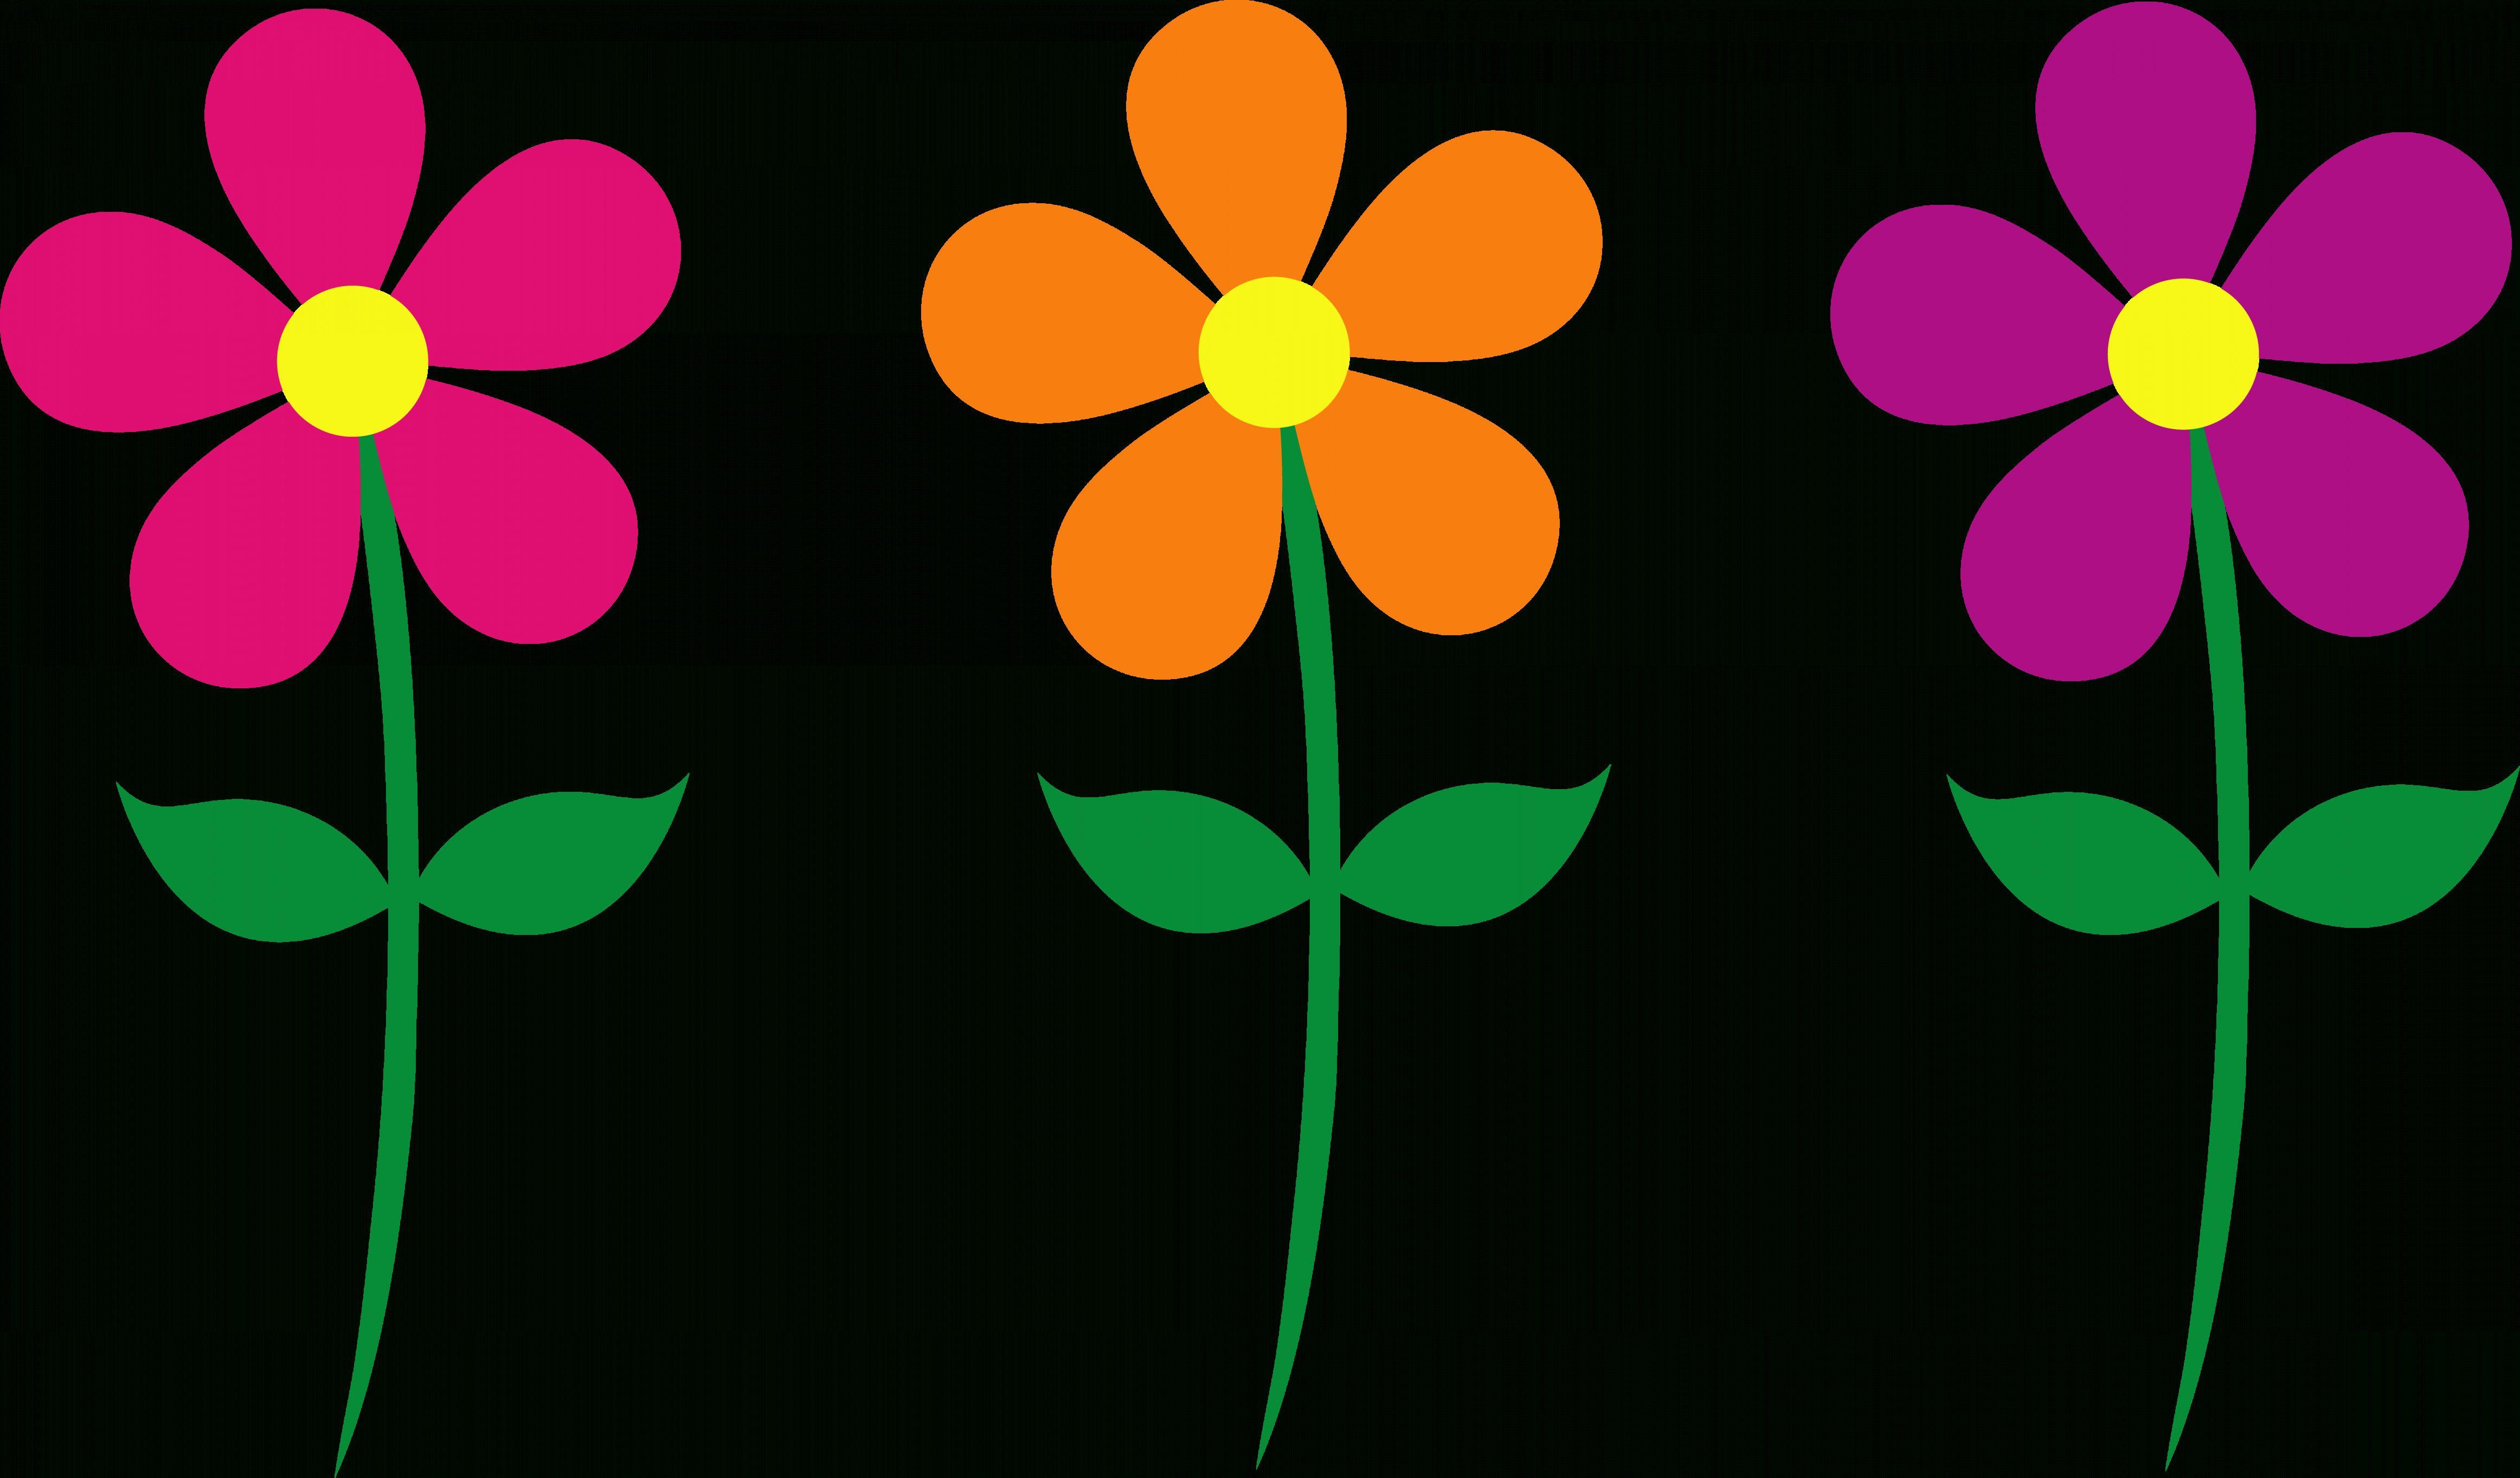 18 Flower Cartoon Png Flower Clipart Free Flower Clipart Flower Clipart Images